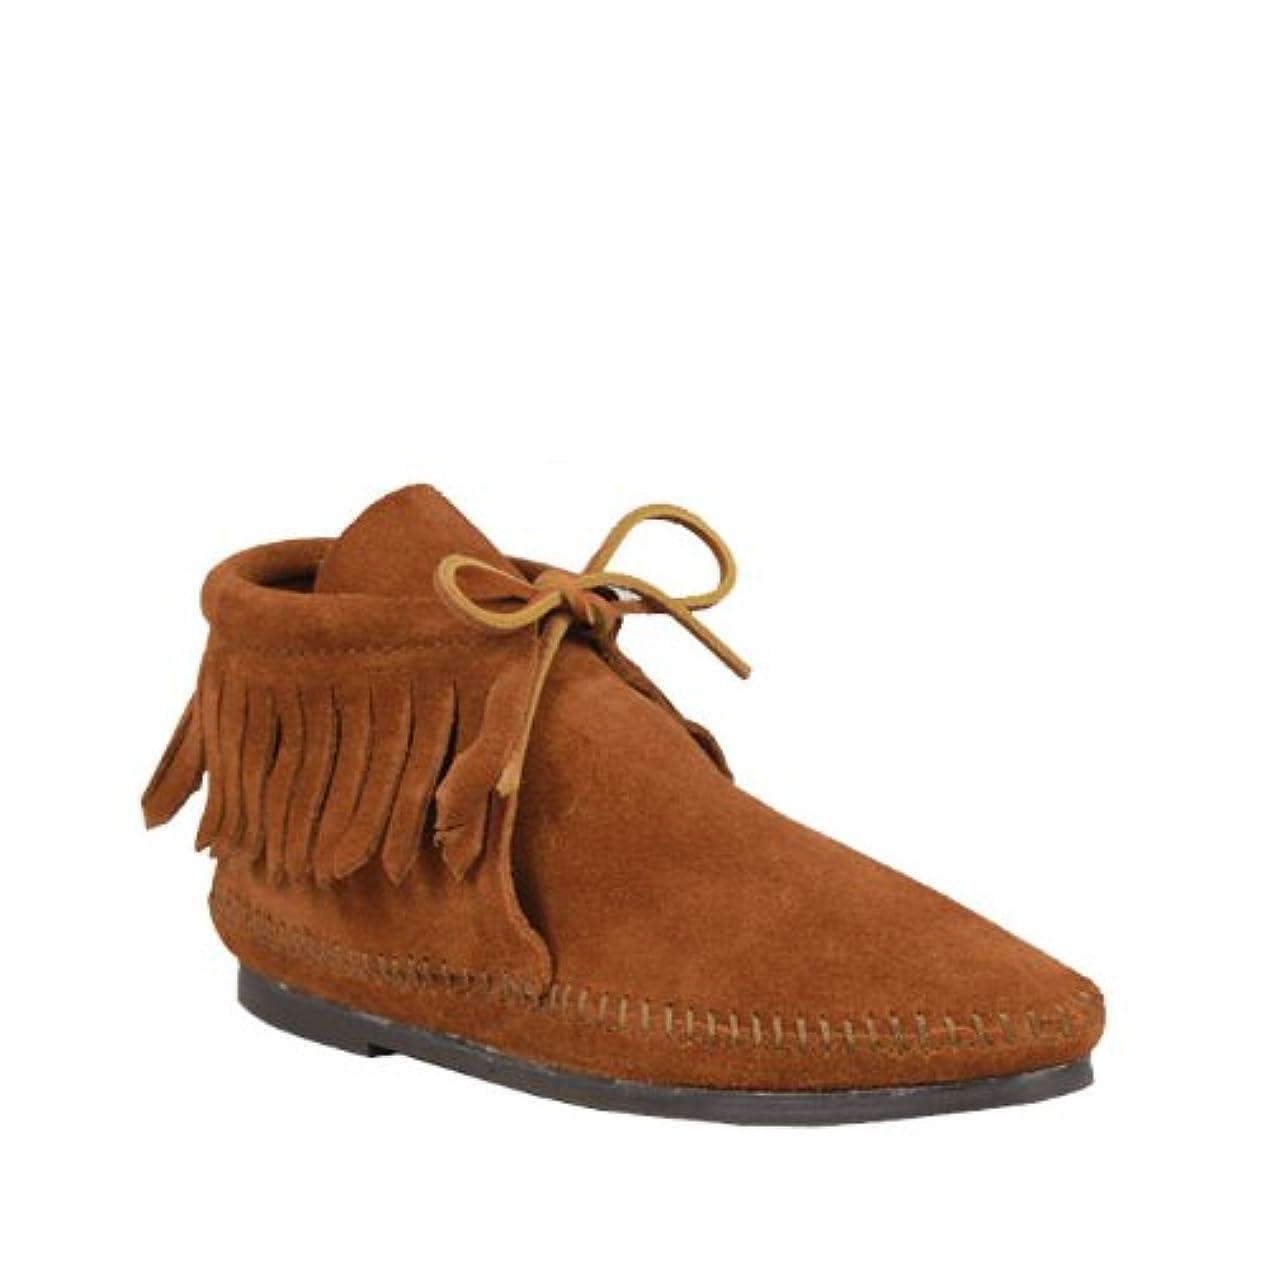 議論する社説要塞[ミネトンカ] 682 CLASSIC FRINGE BOOT クラシック フリンジ ブーツ US5(約21.5-22.0cm) Brown(682)(並行輸入品)